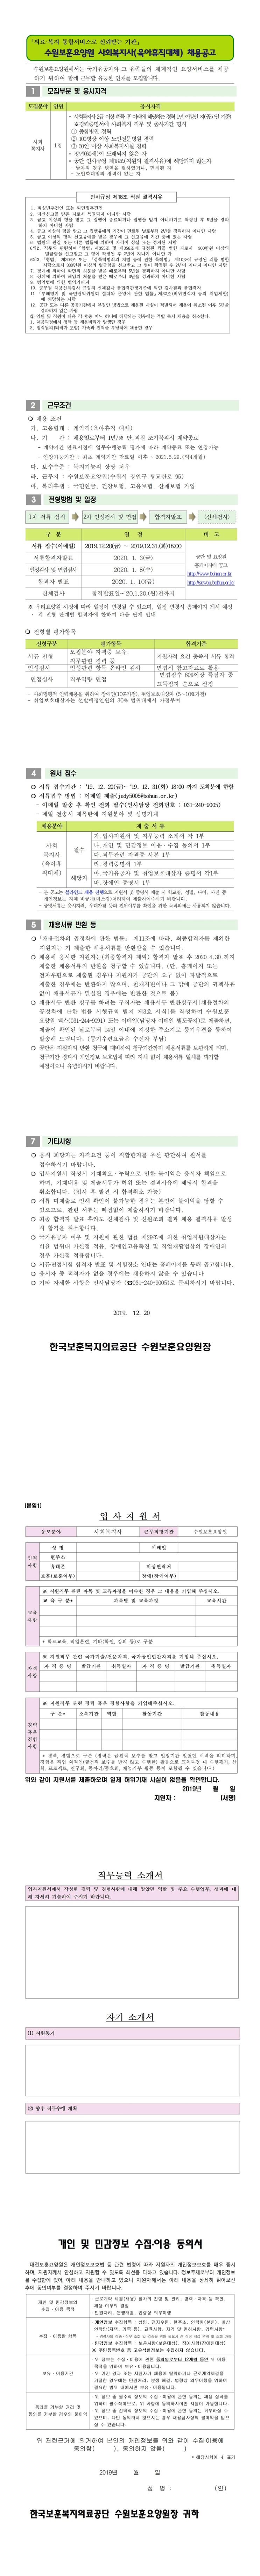 [채용][한국보훈복지의료공단] [공단] [수원보훈요양원] 육아휴직 대체직원(사회복지사) 채용 공고문